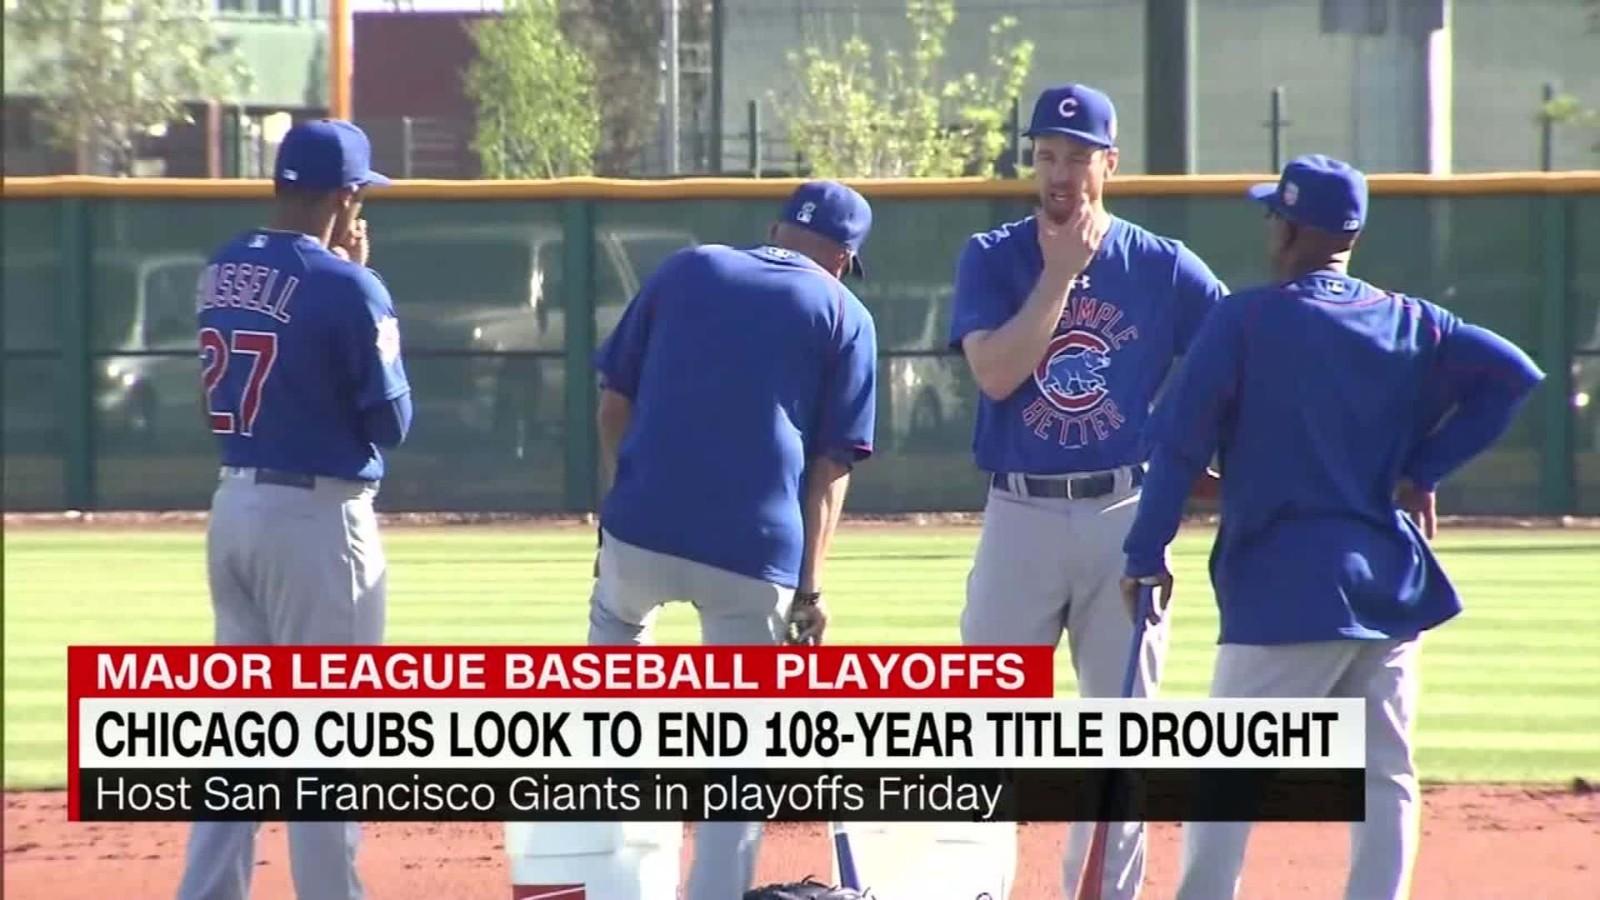 Cubs reach first World Series in 71 years - CNN